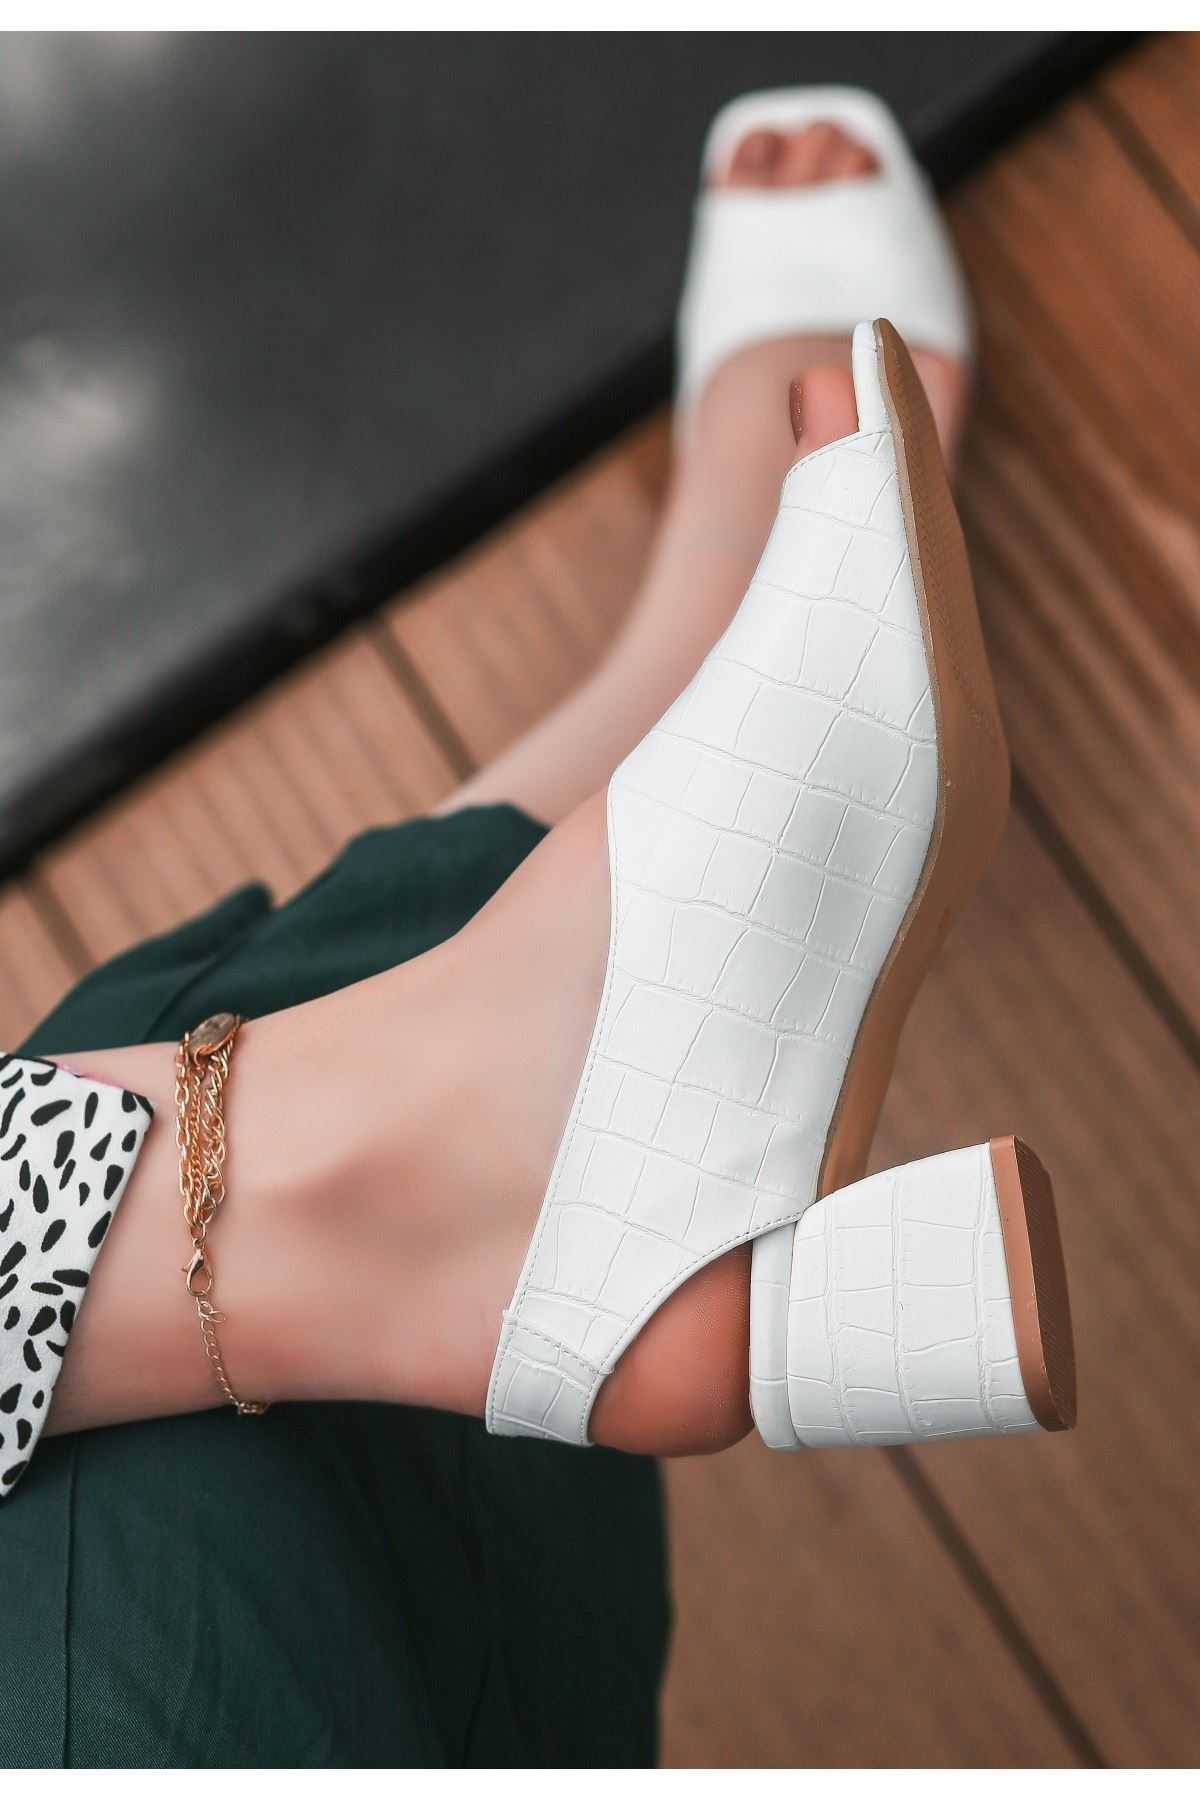 Taxi Beyaz Cilt Topuklu Ayakkabı